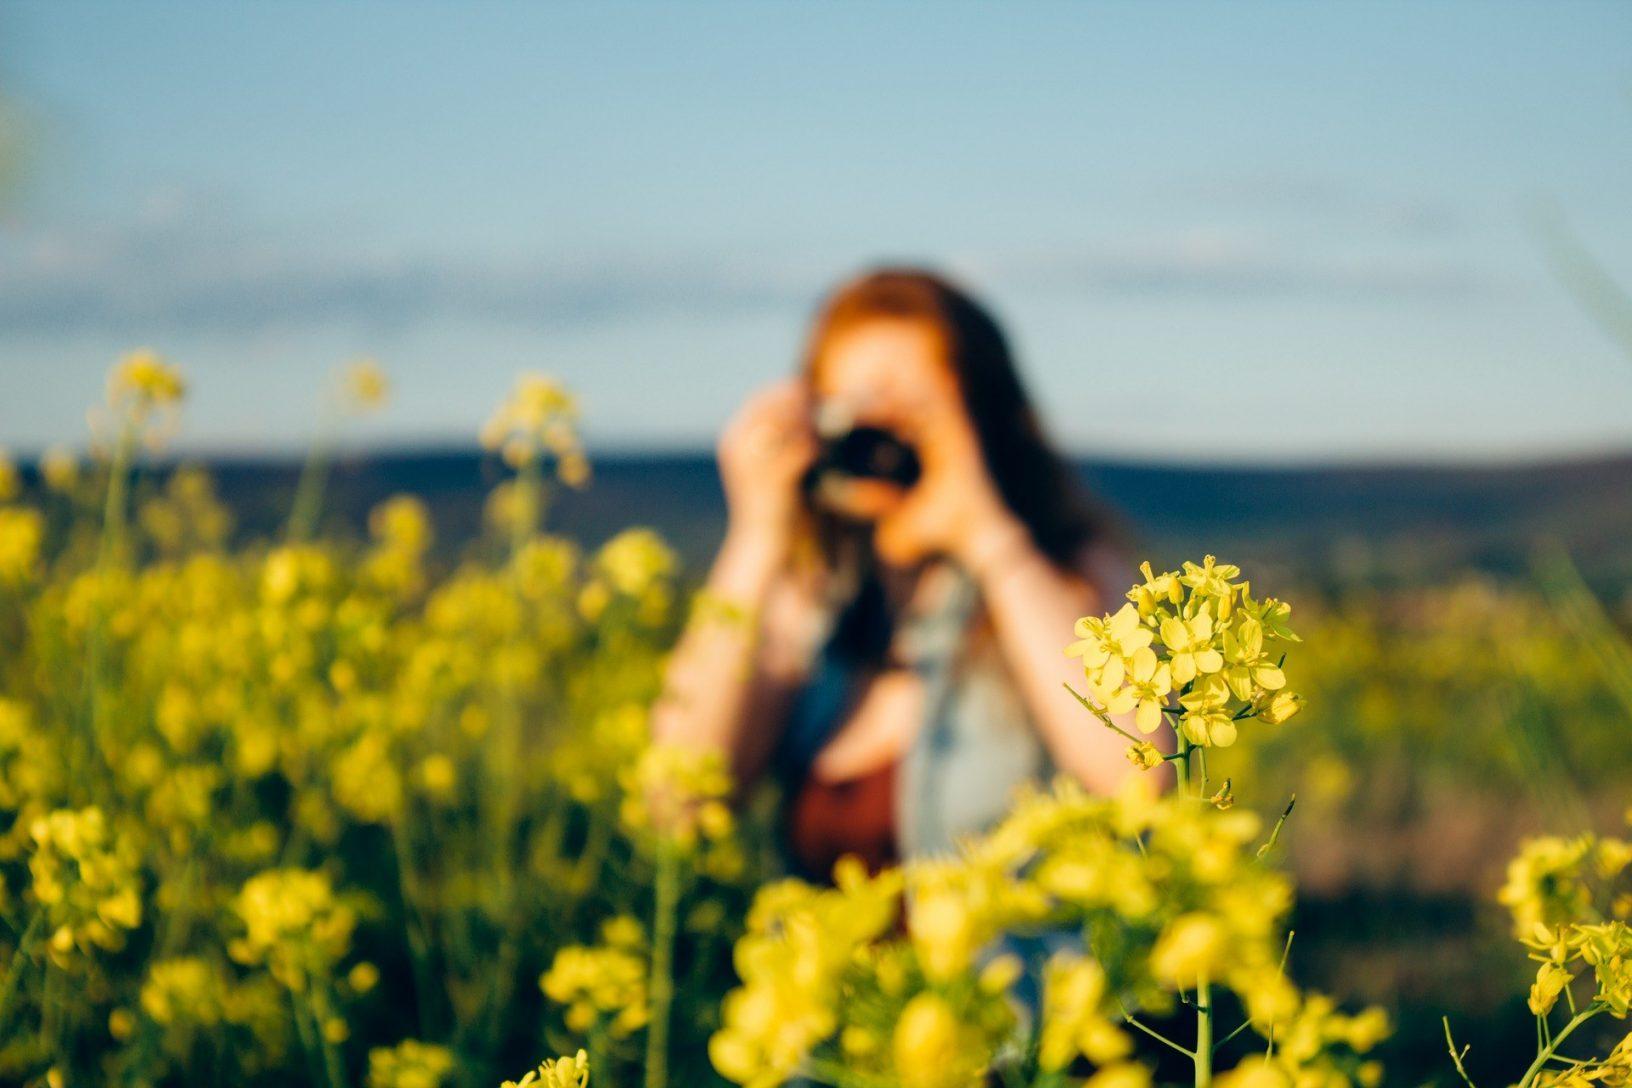 Woman taking photo of flower field